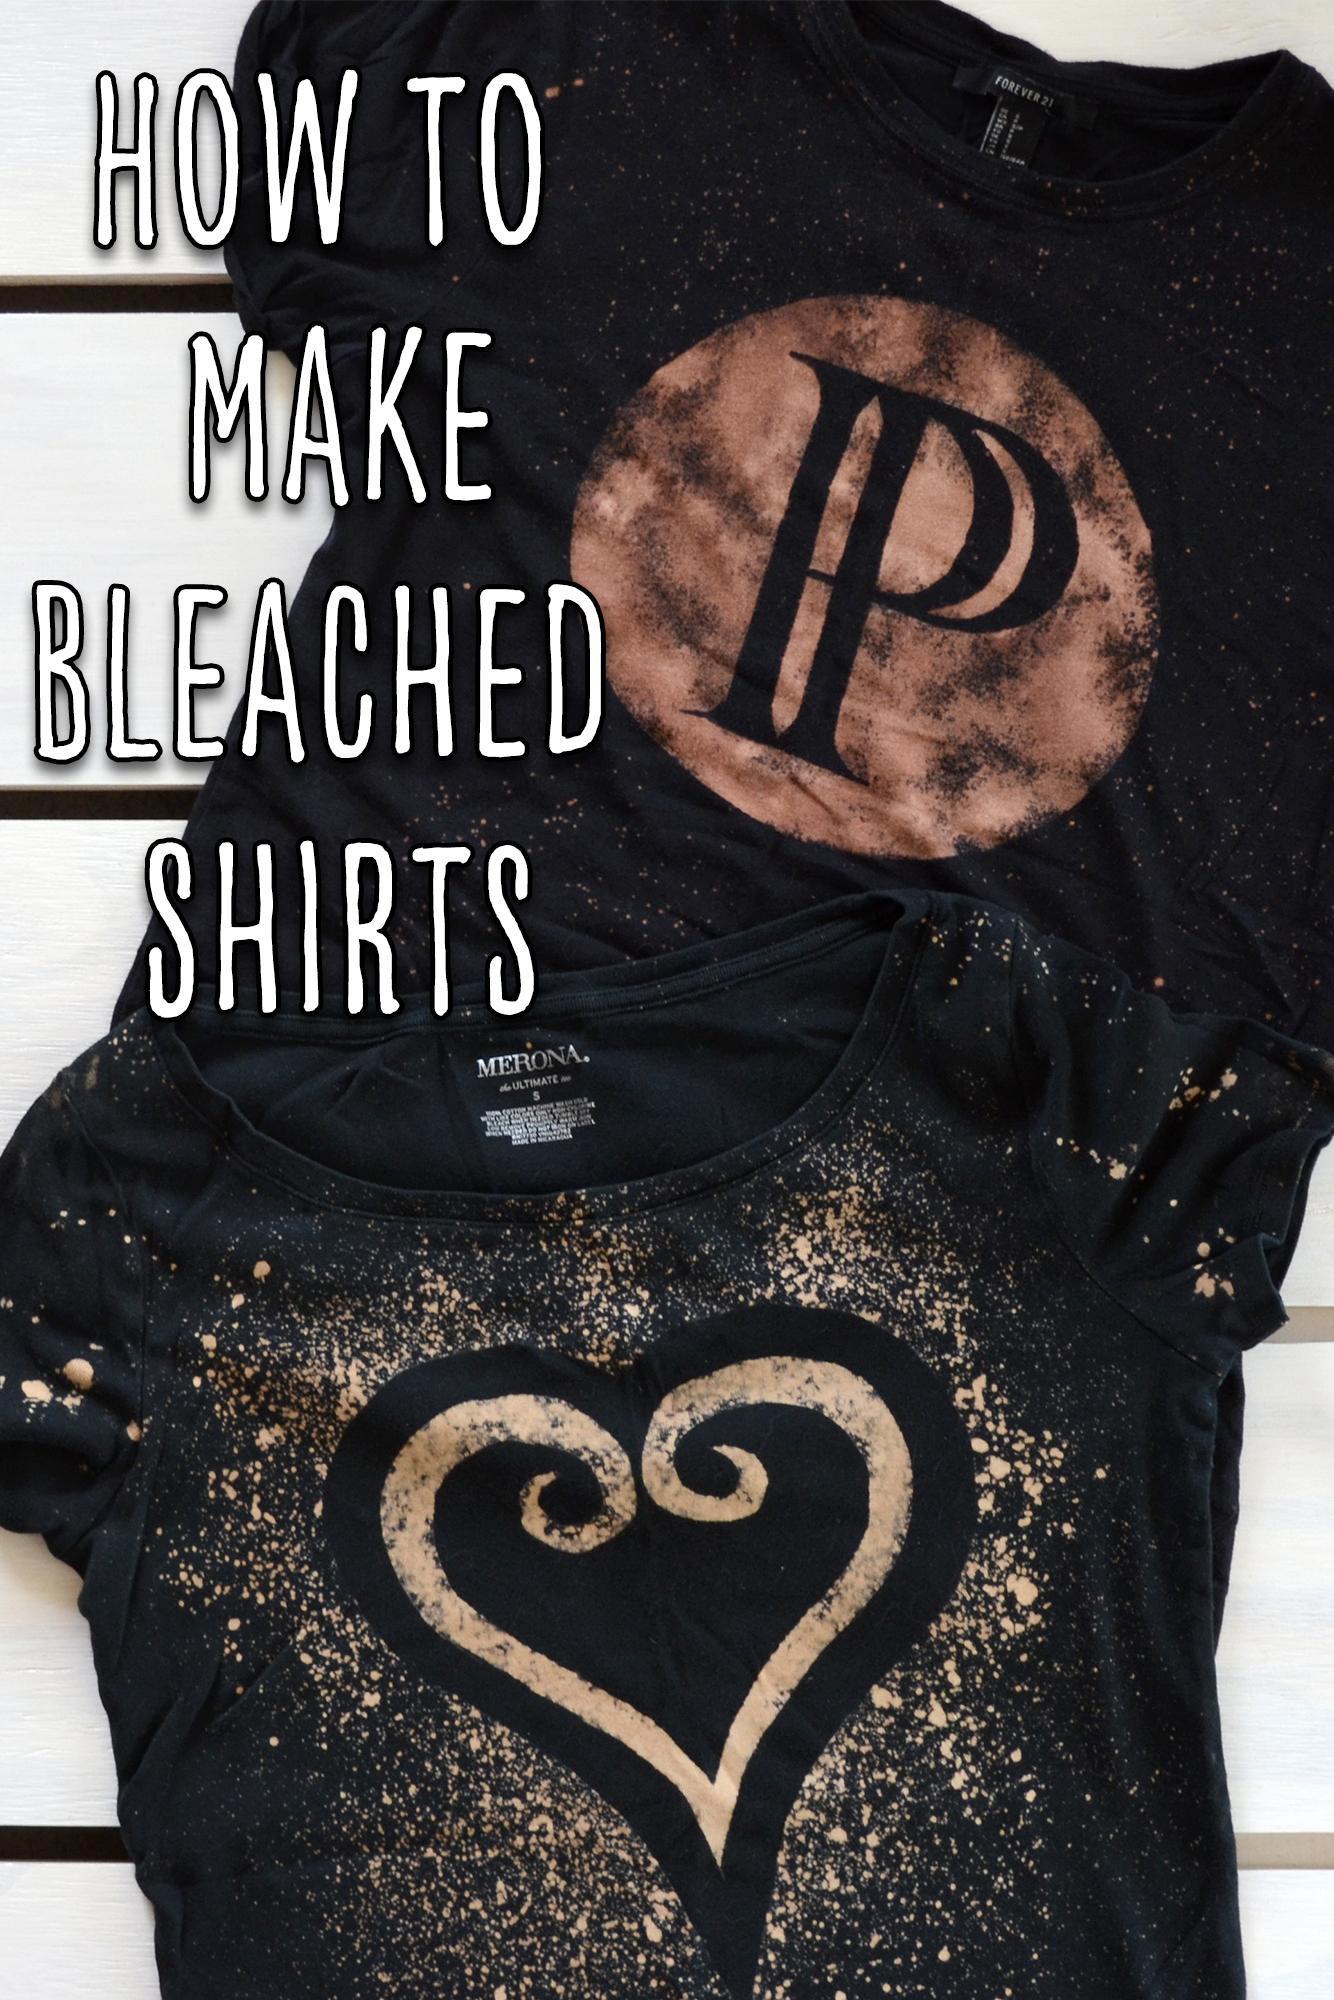 diybleachedshirts.jpg